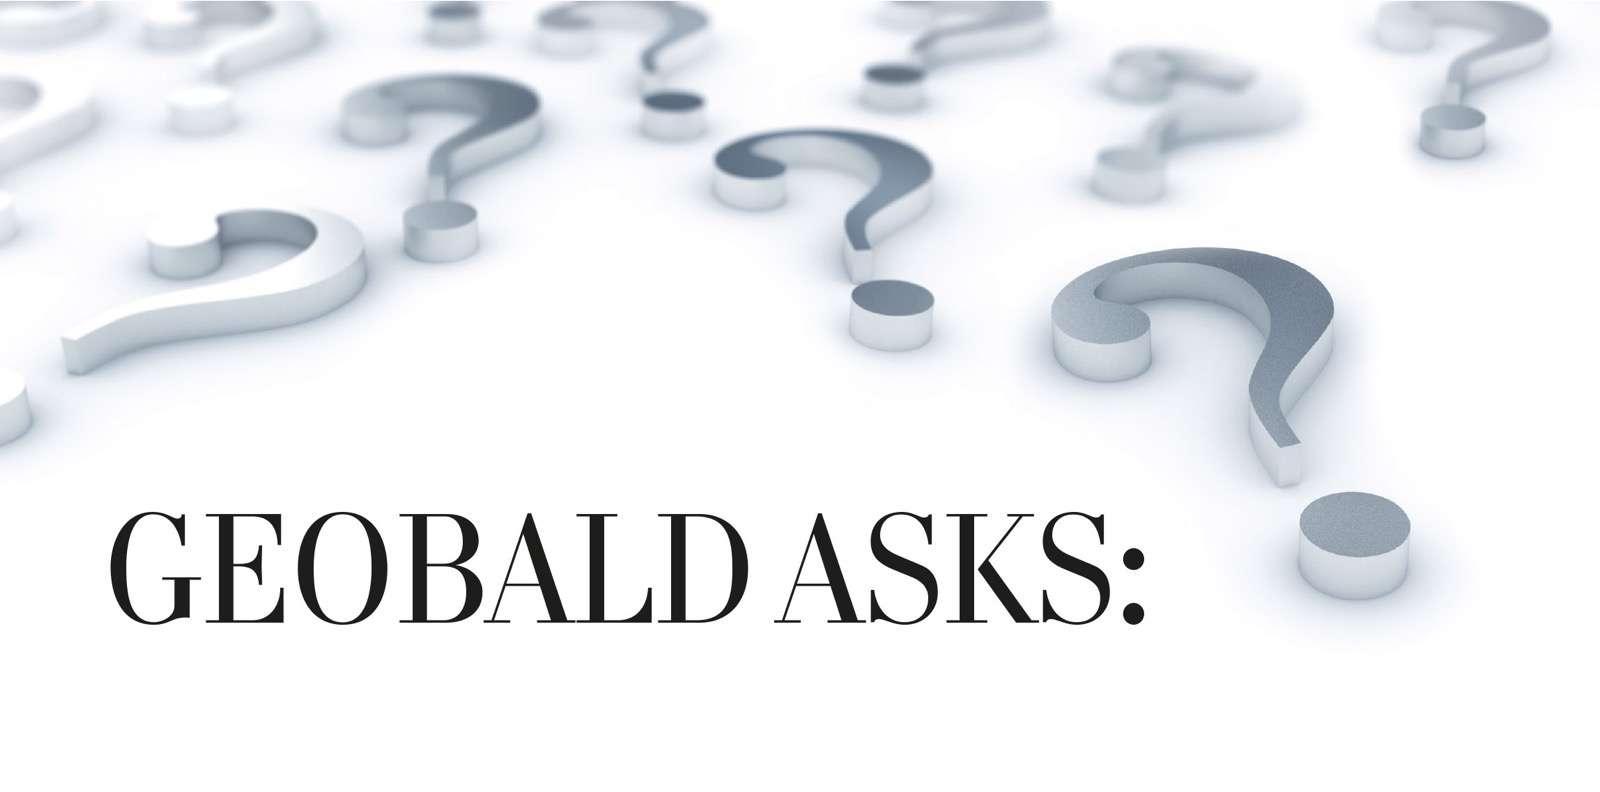 Geobald asks